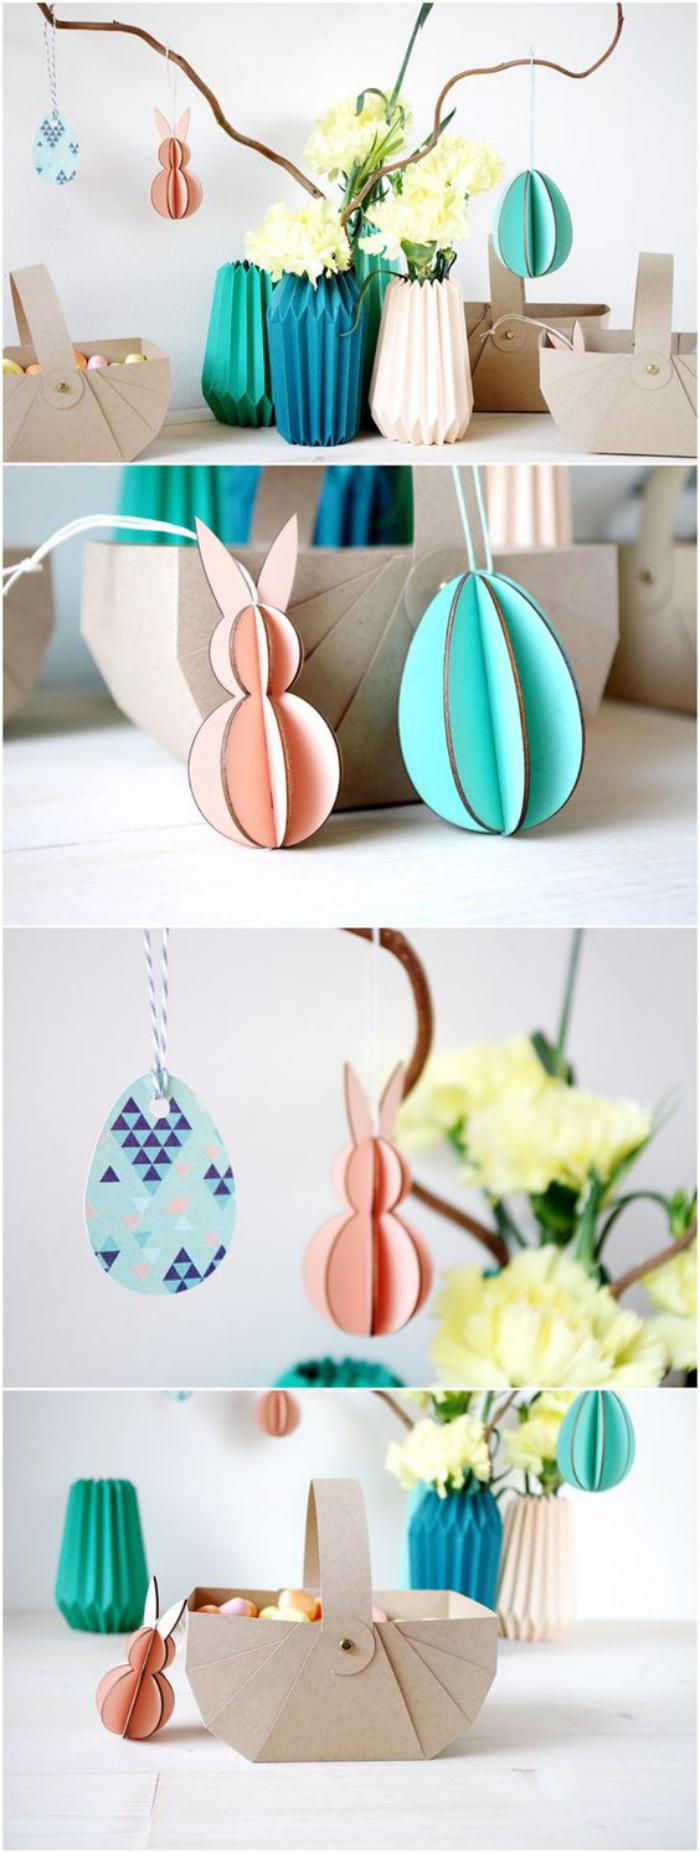 panier-de-paques-jolie-corbeille-décorative-pour-la-fêted-de-pâques